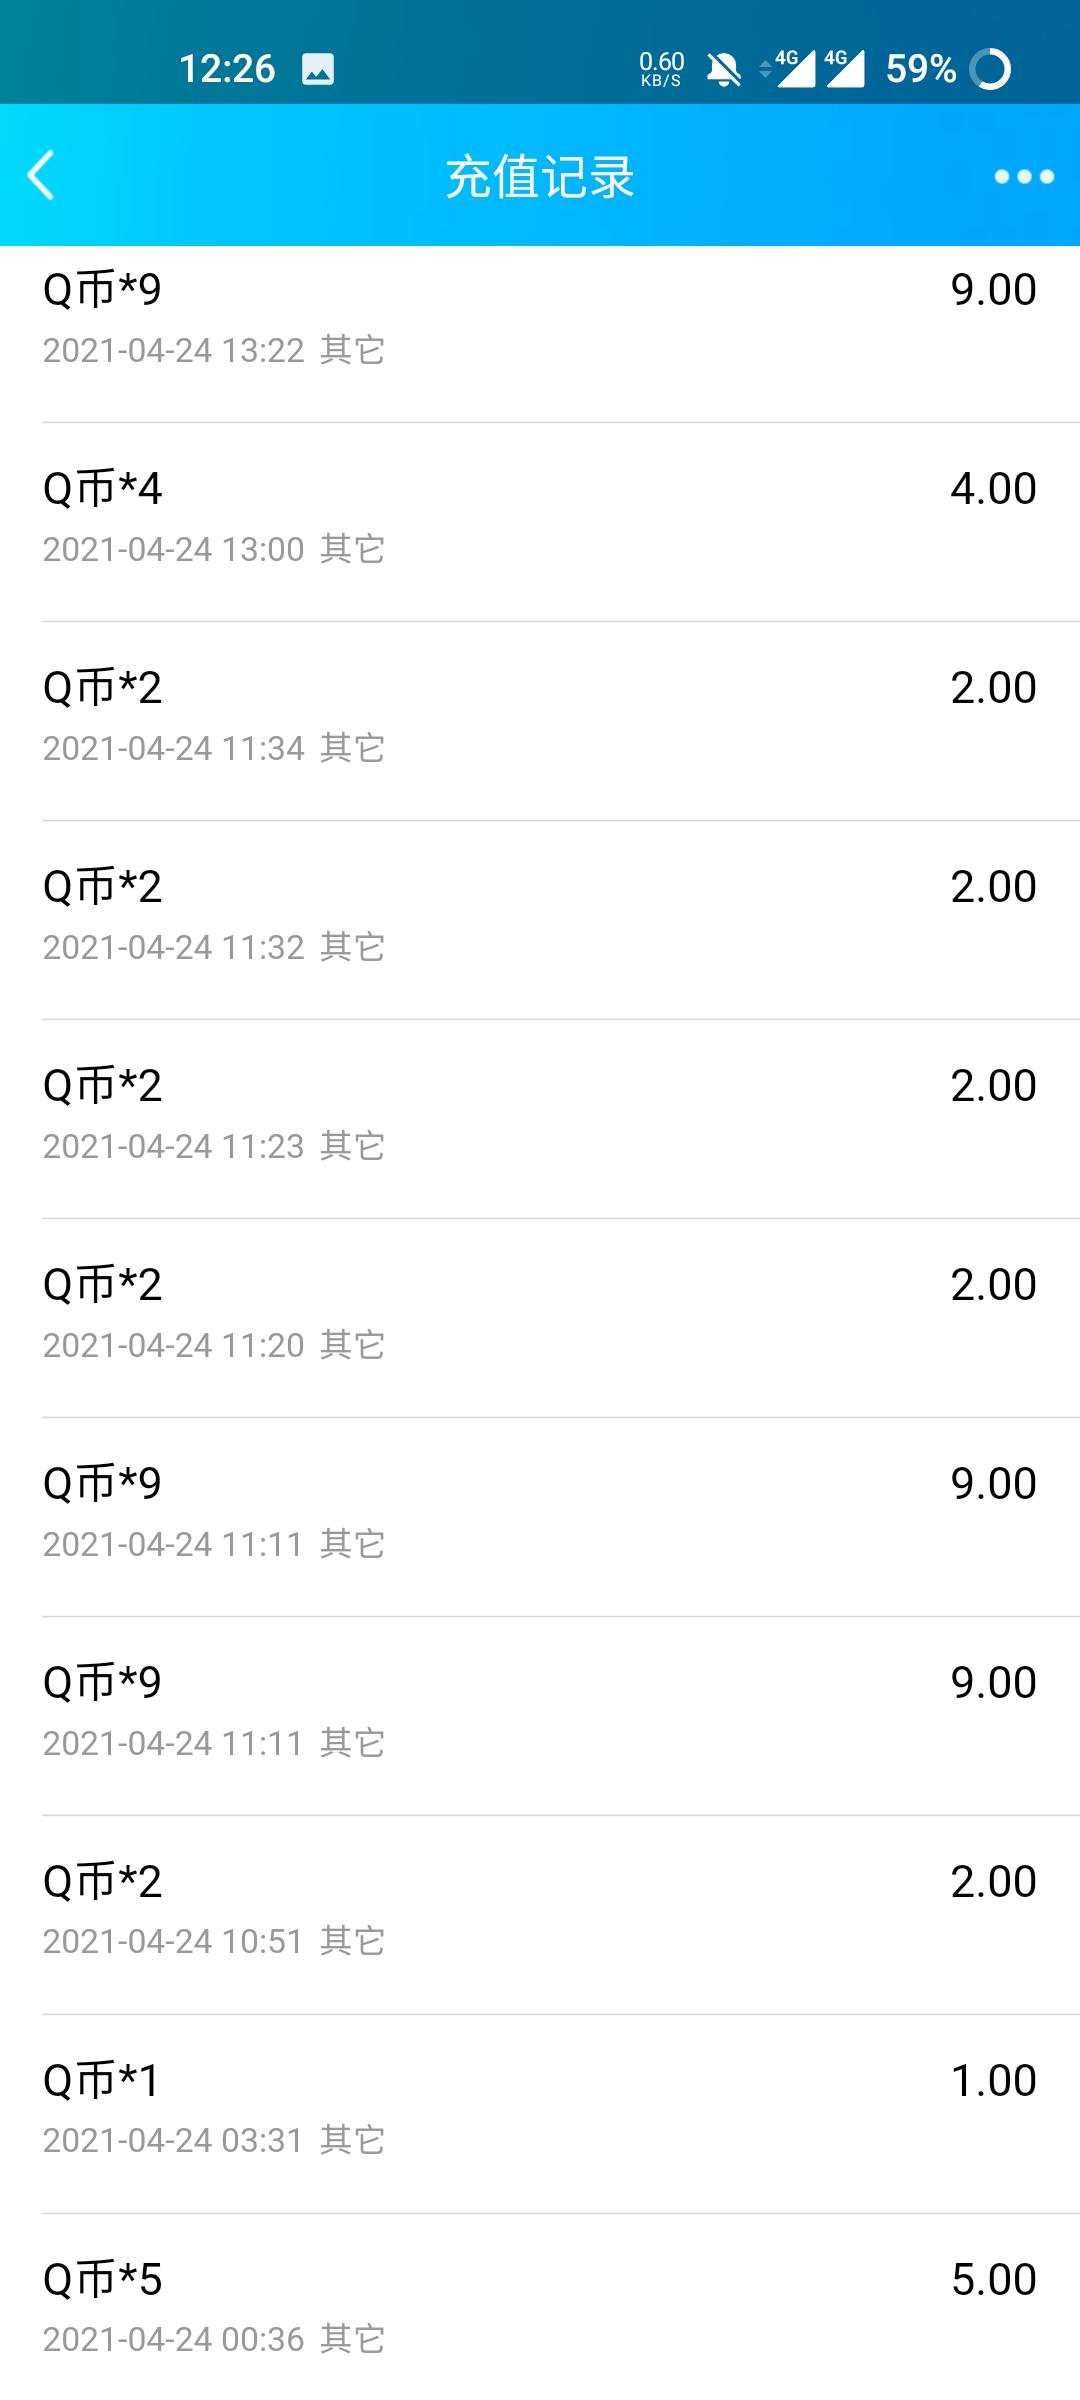 淘宝超低价买入QB  长期活动